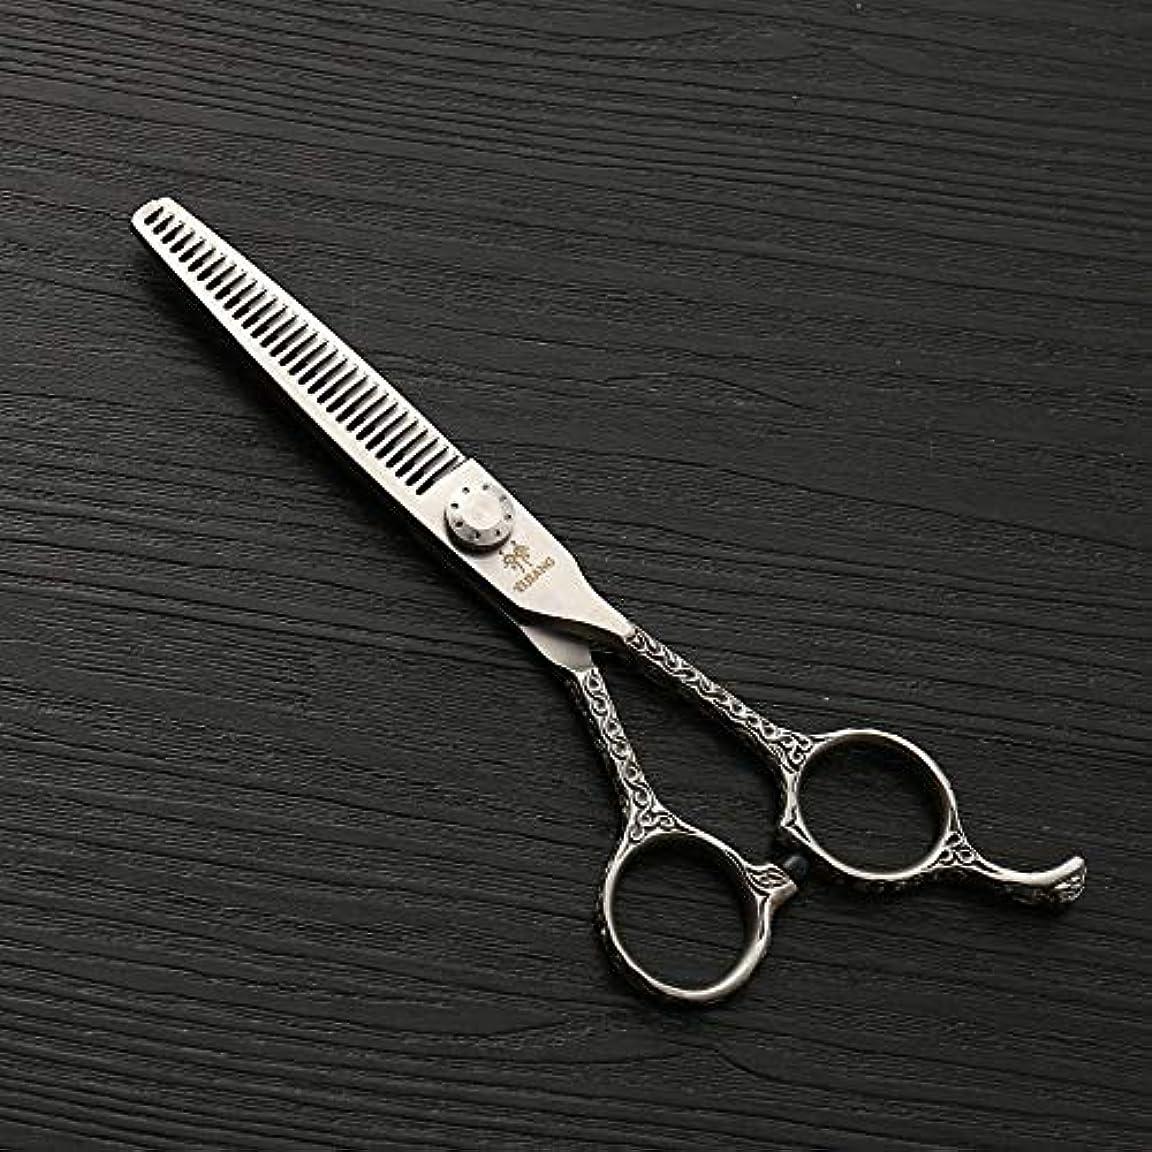 カウボーイ疑い者有名6インチの美容院の専門のヘアカットScissors440Cのステンレス鋼 ヘアケア (色 : Silver)